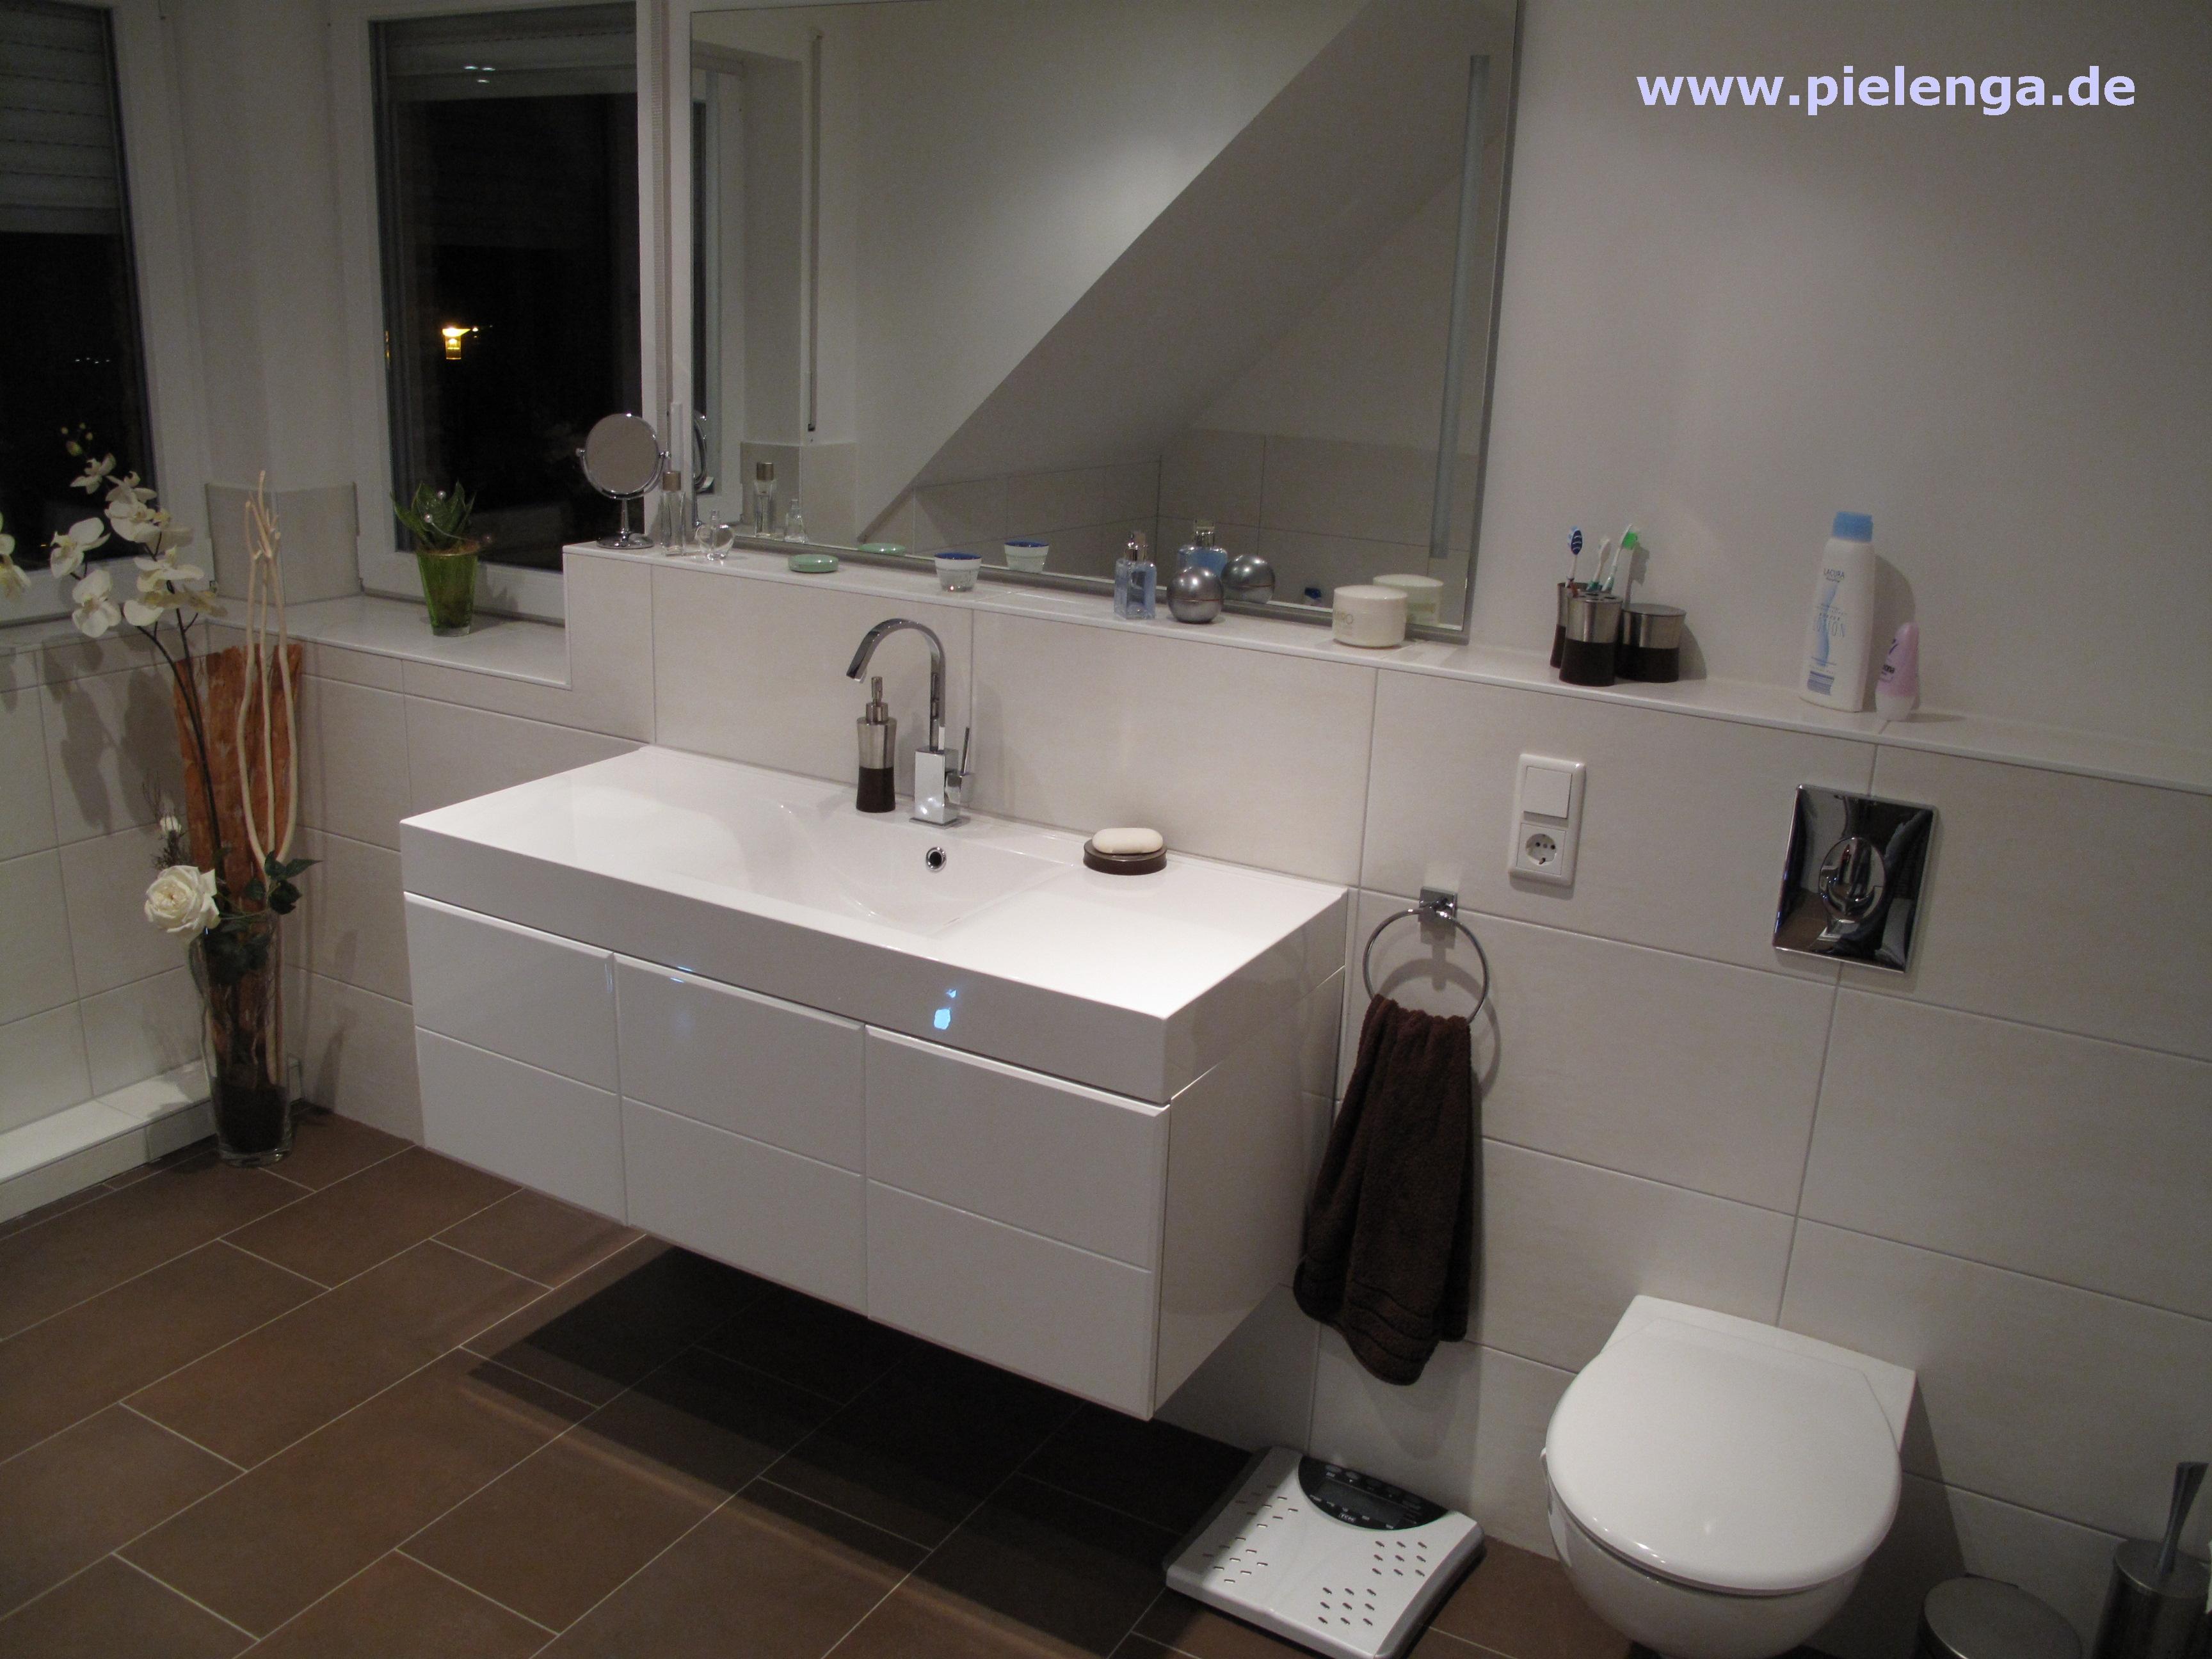 badezimmer neubau | jtleigh - hausgestaltung ideen, Badezimmer